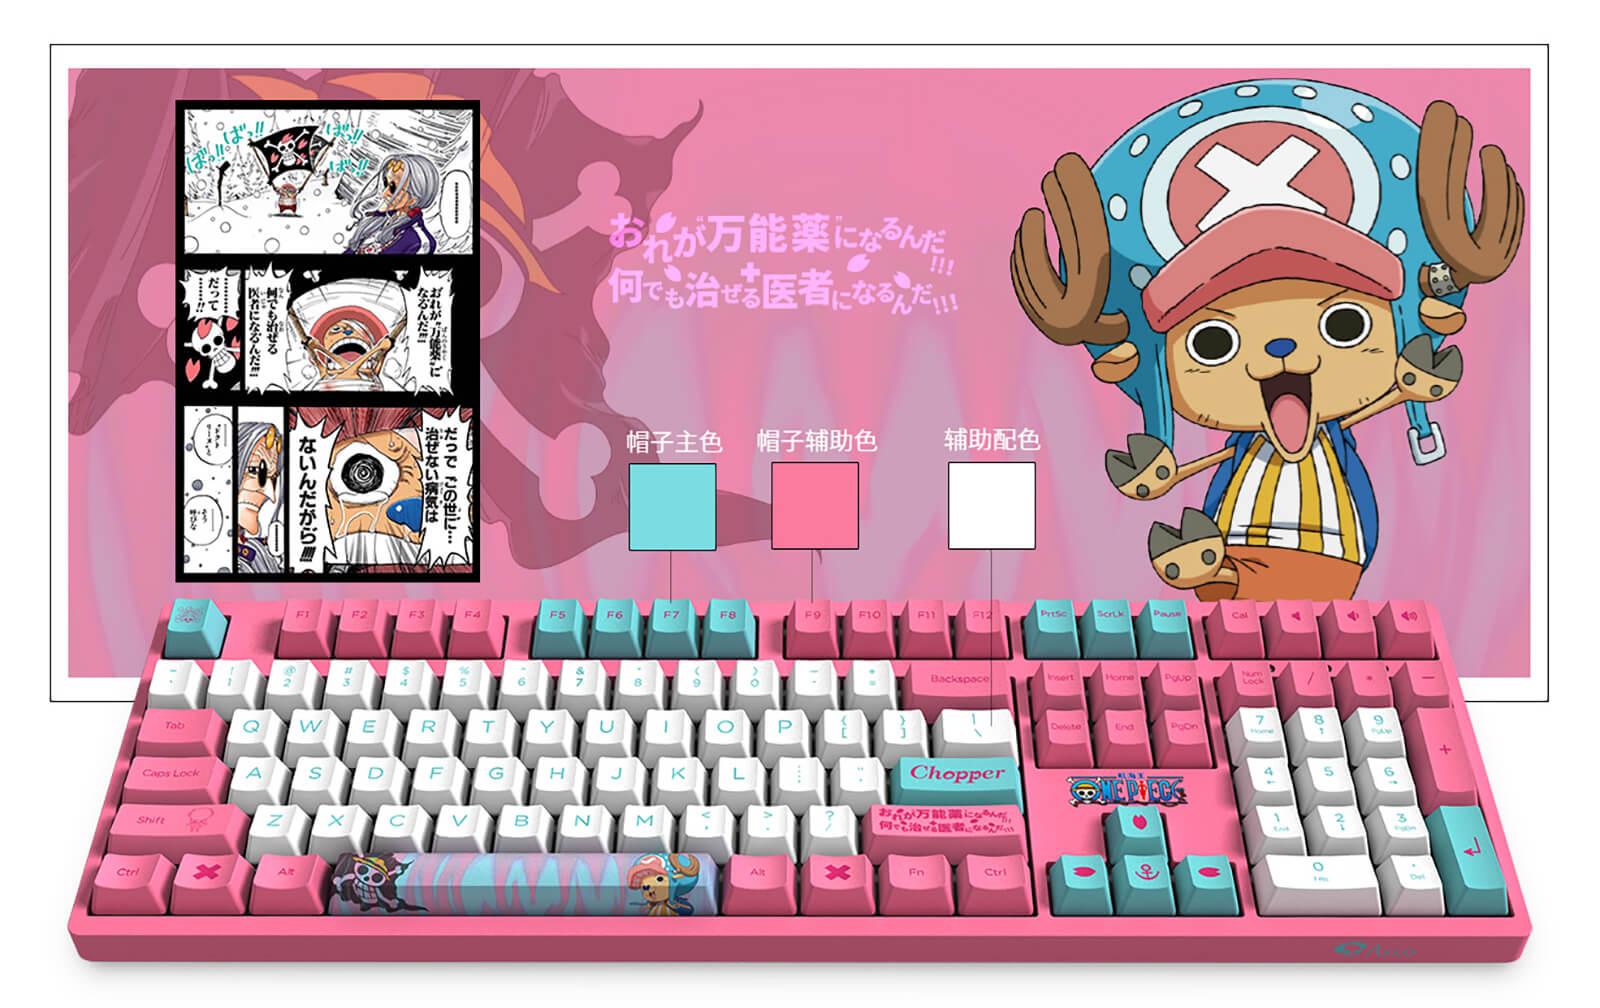 AKKO 3108 v2 One Piece - Chopper - AKKO Switch